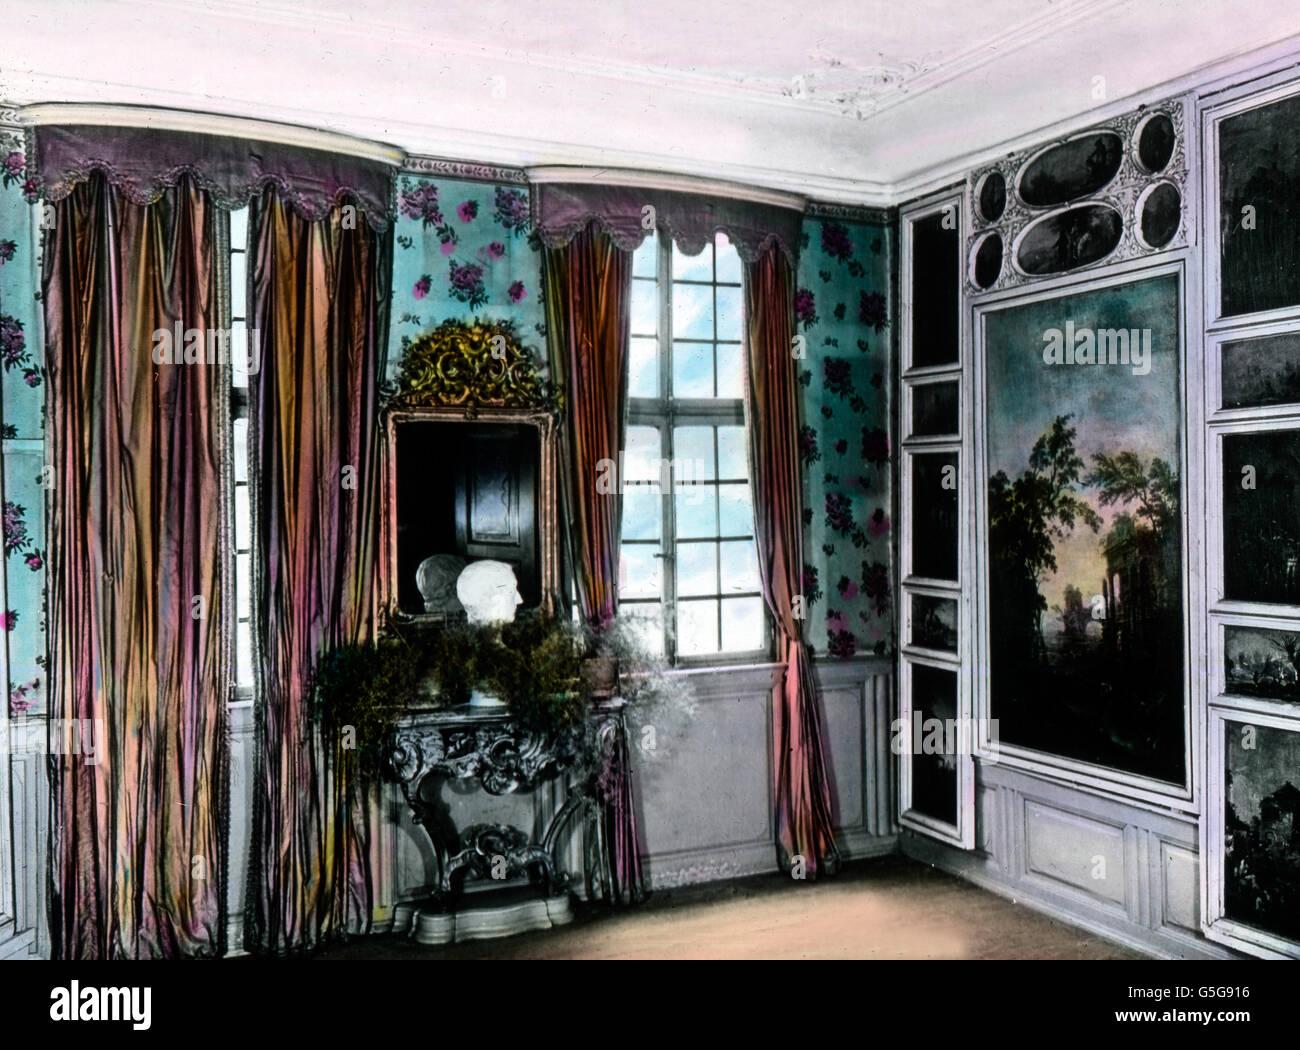 Das Seekatzzimmer Im Goethehaus. Das Seekatz Zimmer hat seinen Namen ...